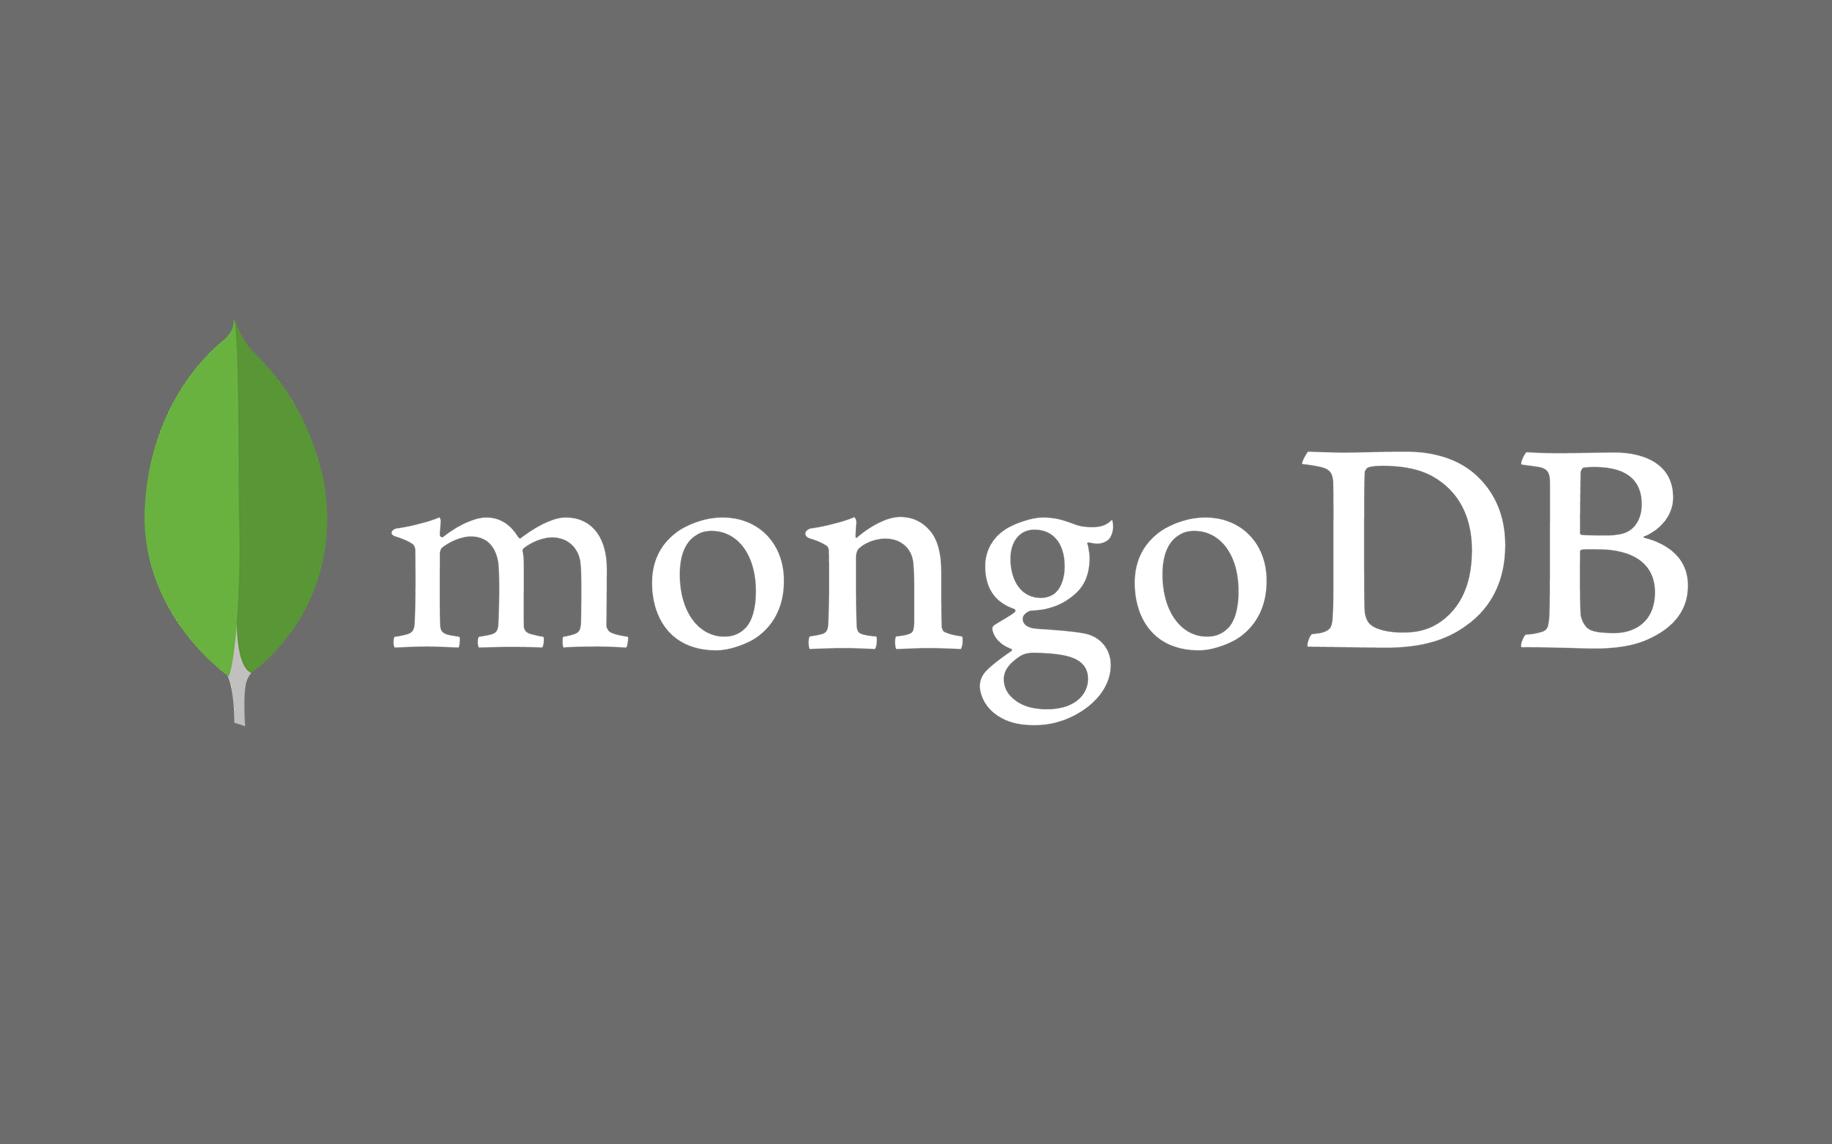 مانگو دیبی چیست؟